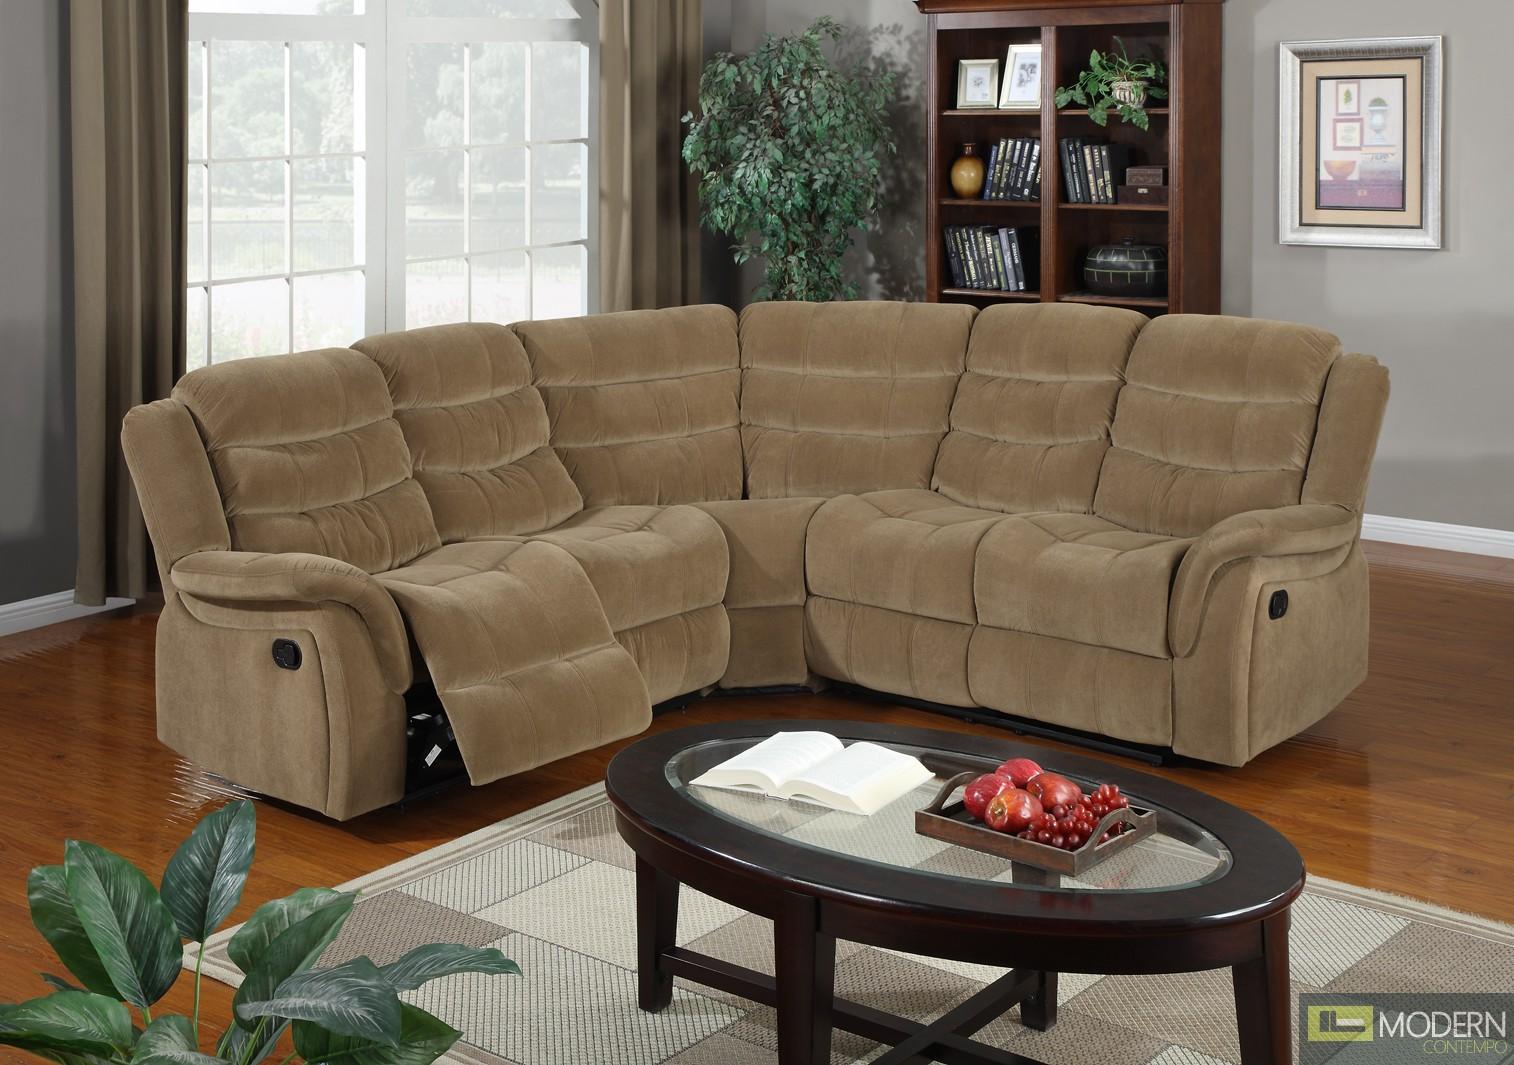 3 Pc Modern Saddle Brown Sectional Sofa Set Living Room Set TBQS8098